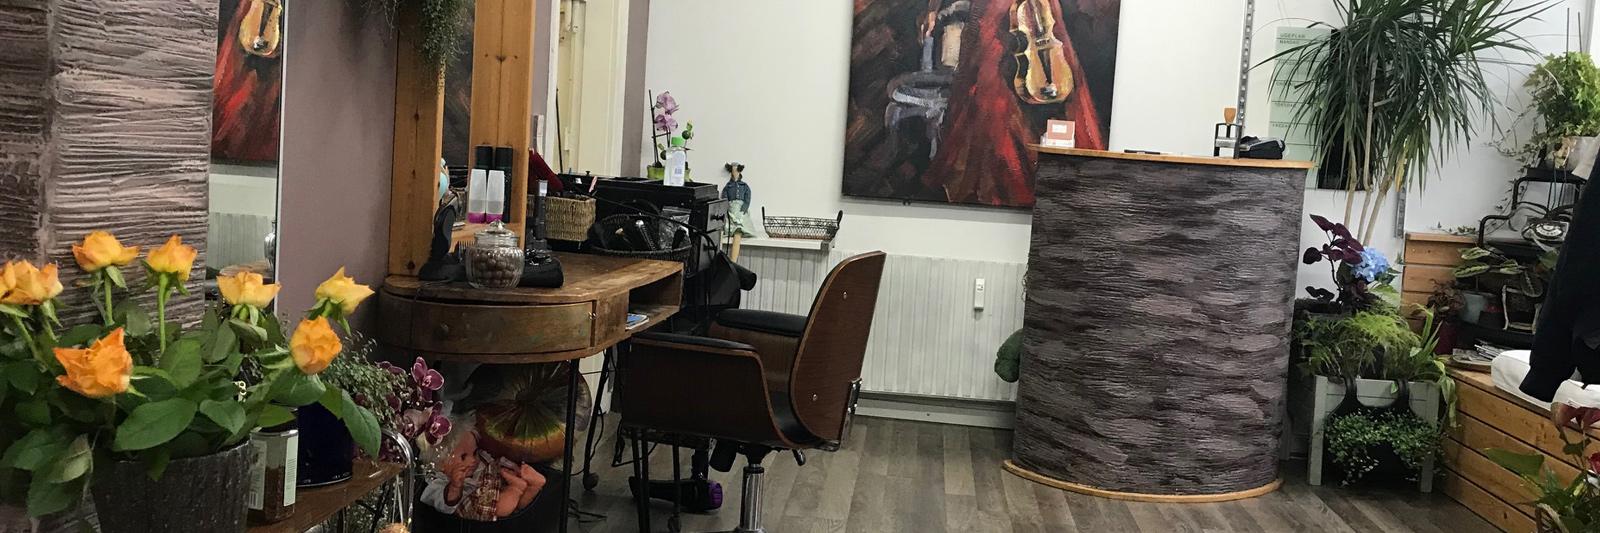 Multipleje Klinik er en skønhedsklinik og frisør i hyggelige omgivelser i Århus C